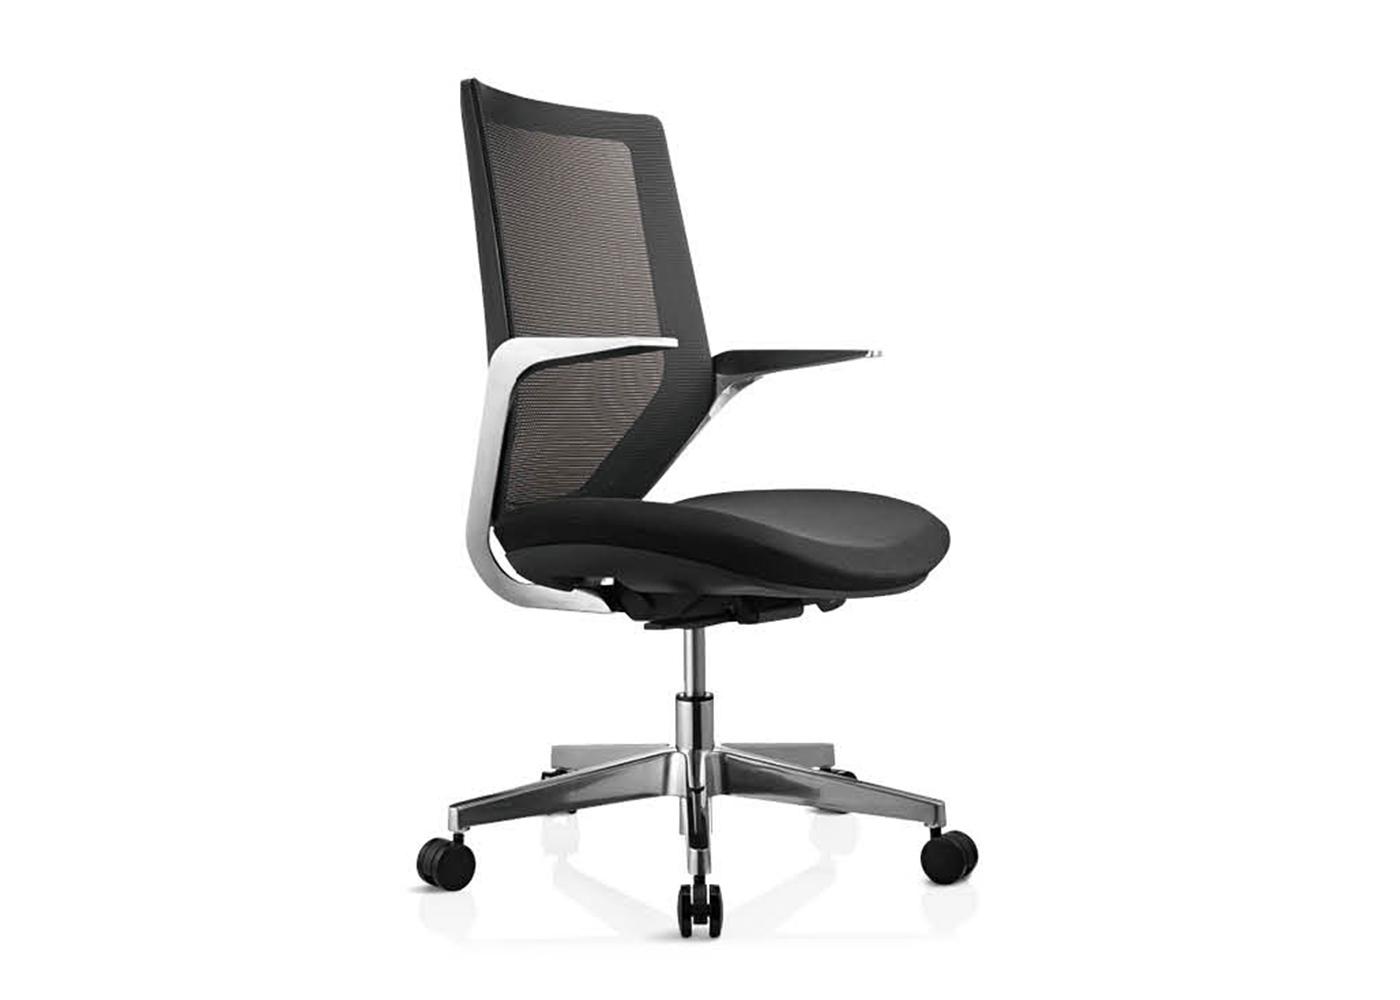 格莱特职员椅A09,上海职员椅,【尺寸 价格 图片 品牌】